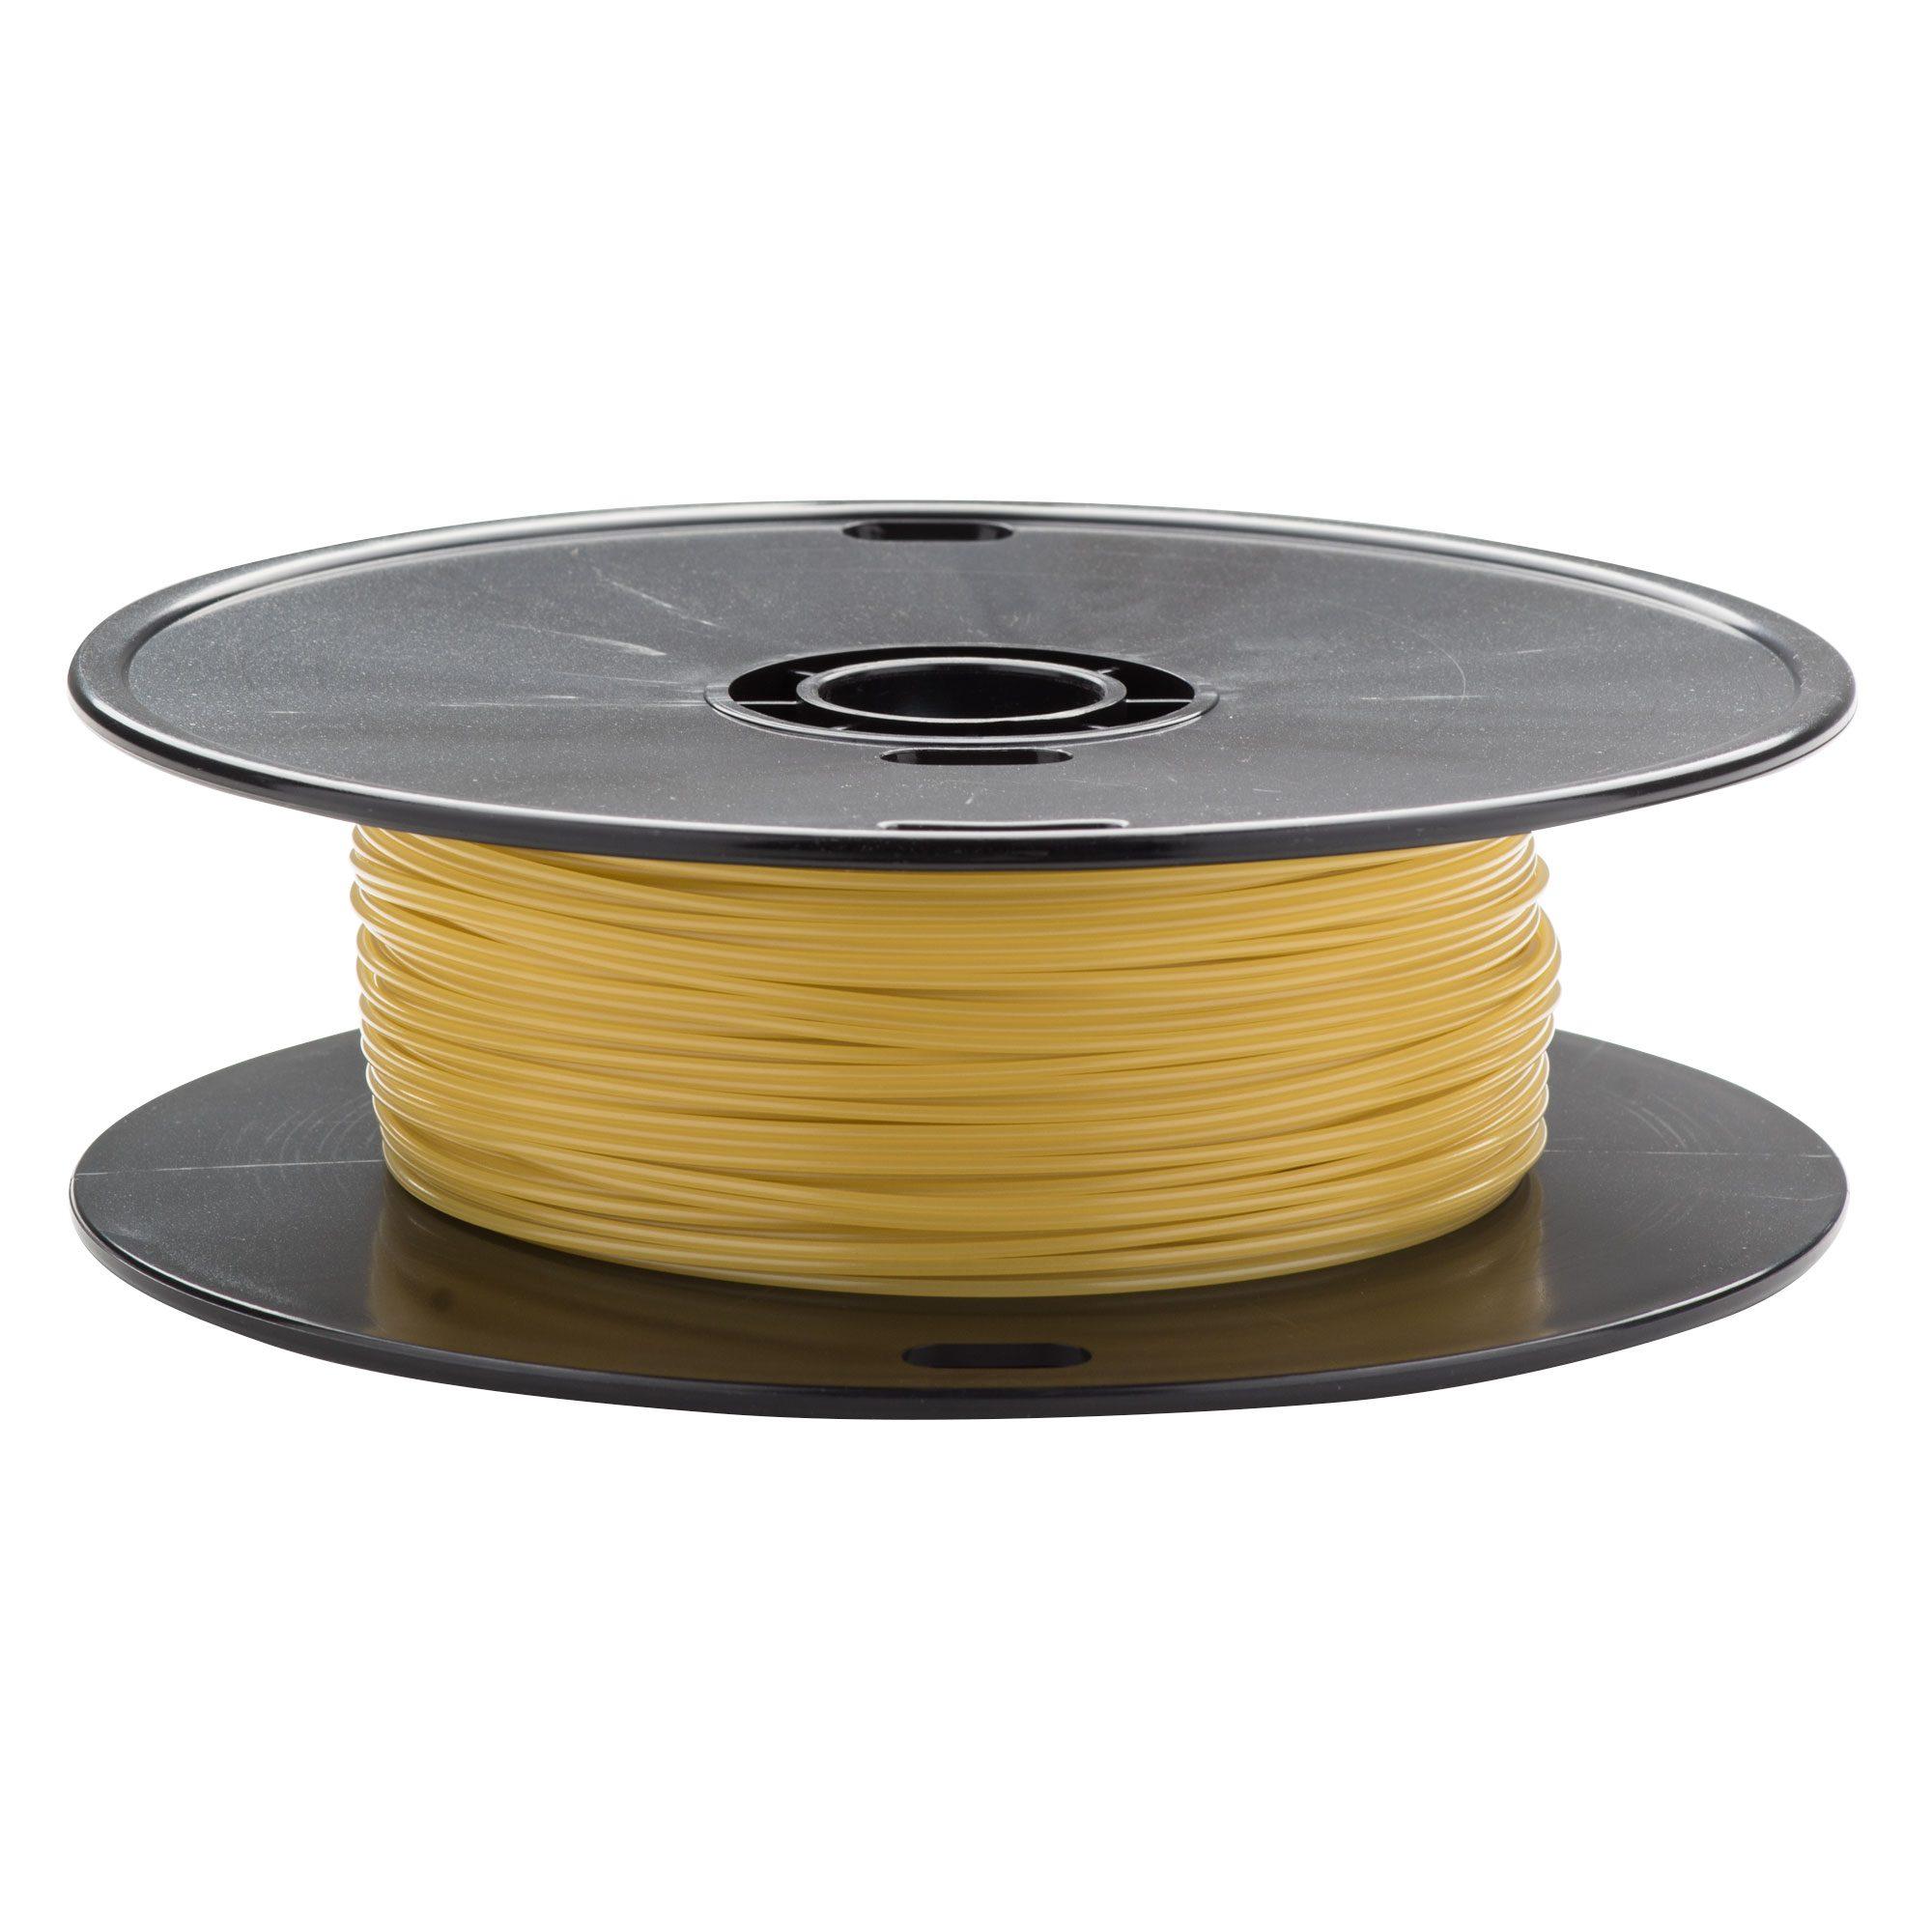 Cocoon PVA Filament